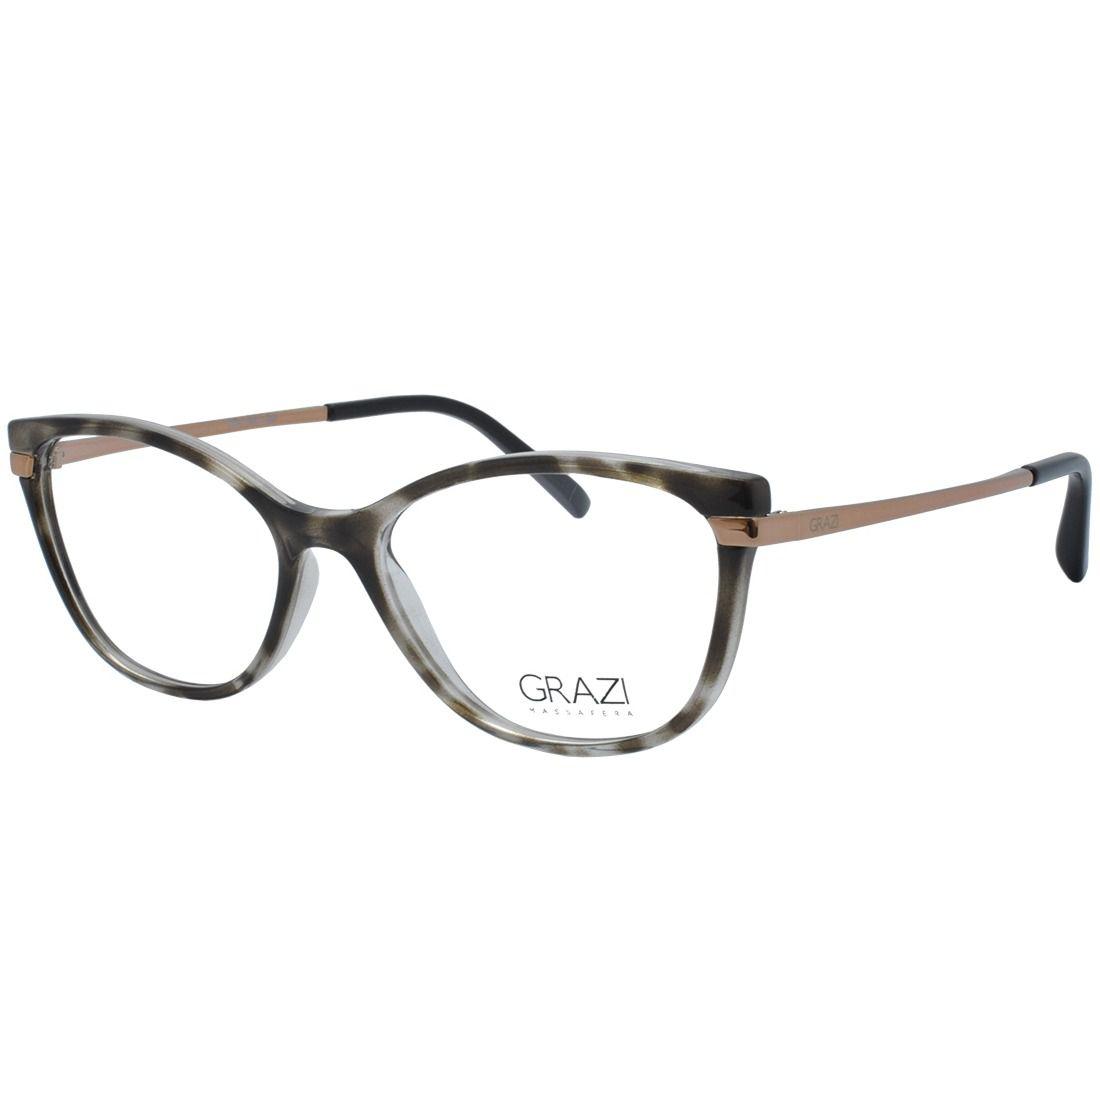 f8af109bf Armação óculos de grau feminino Grazi Massafera GZ3056 G083 - Omega ...